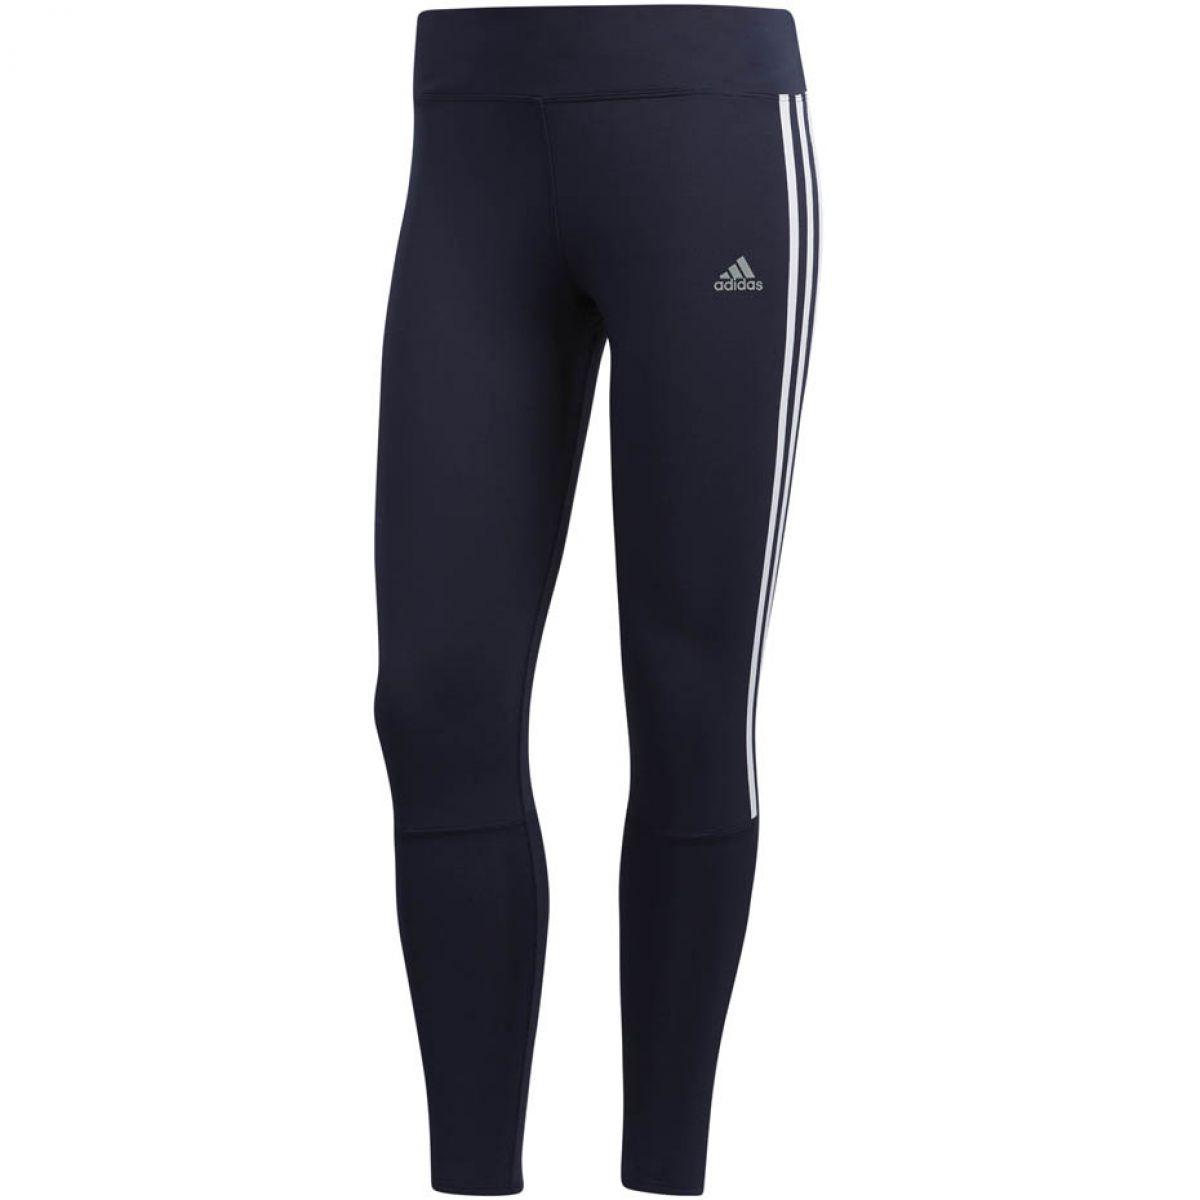 Spodnie biegowe adidas Run 3S Tight W DQ2590 XS